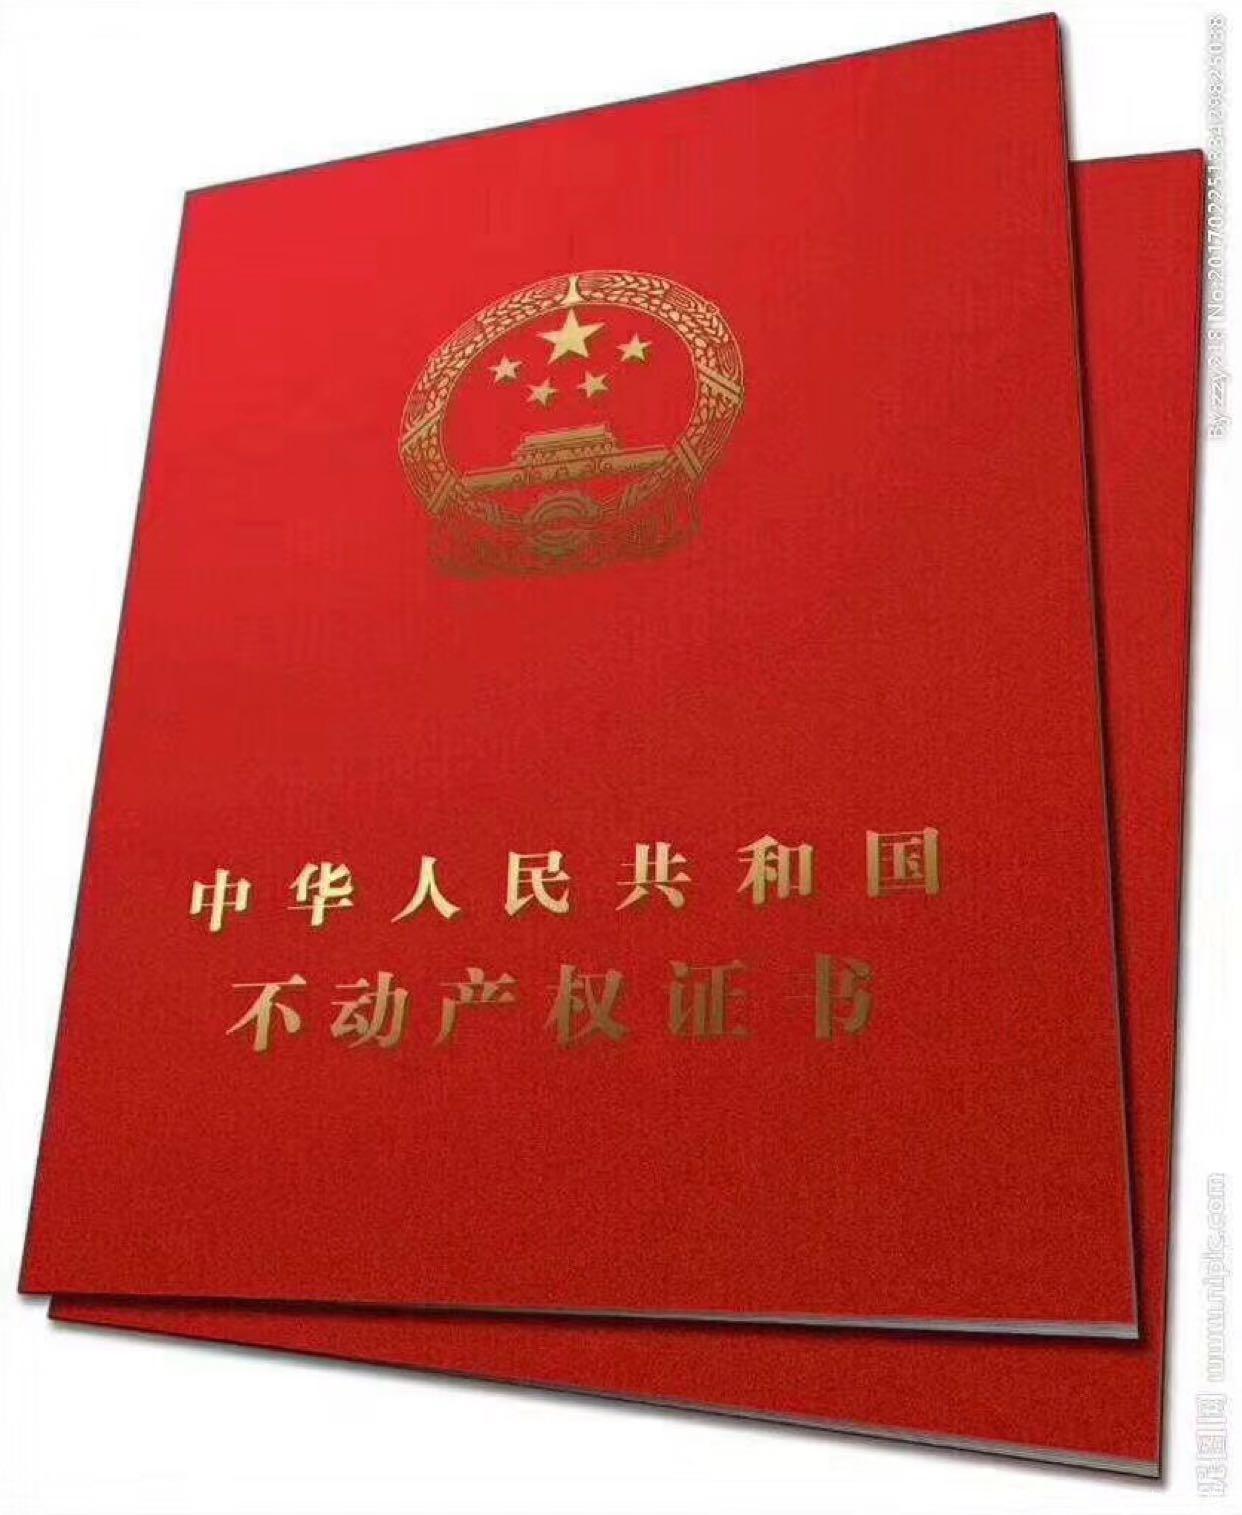 广州黄埔国有证红本厂房25700平米出售年限42年九成新现房